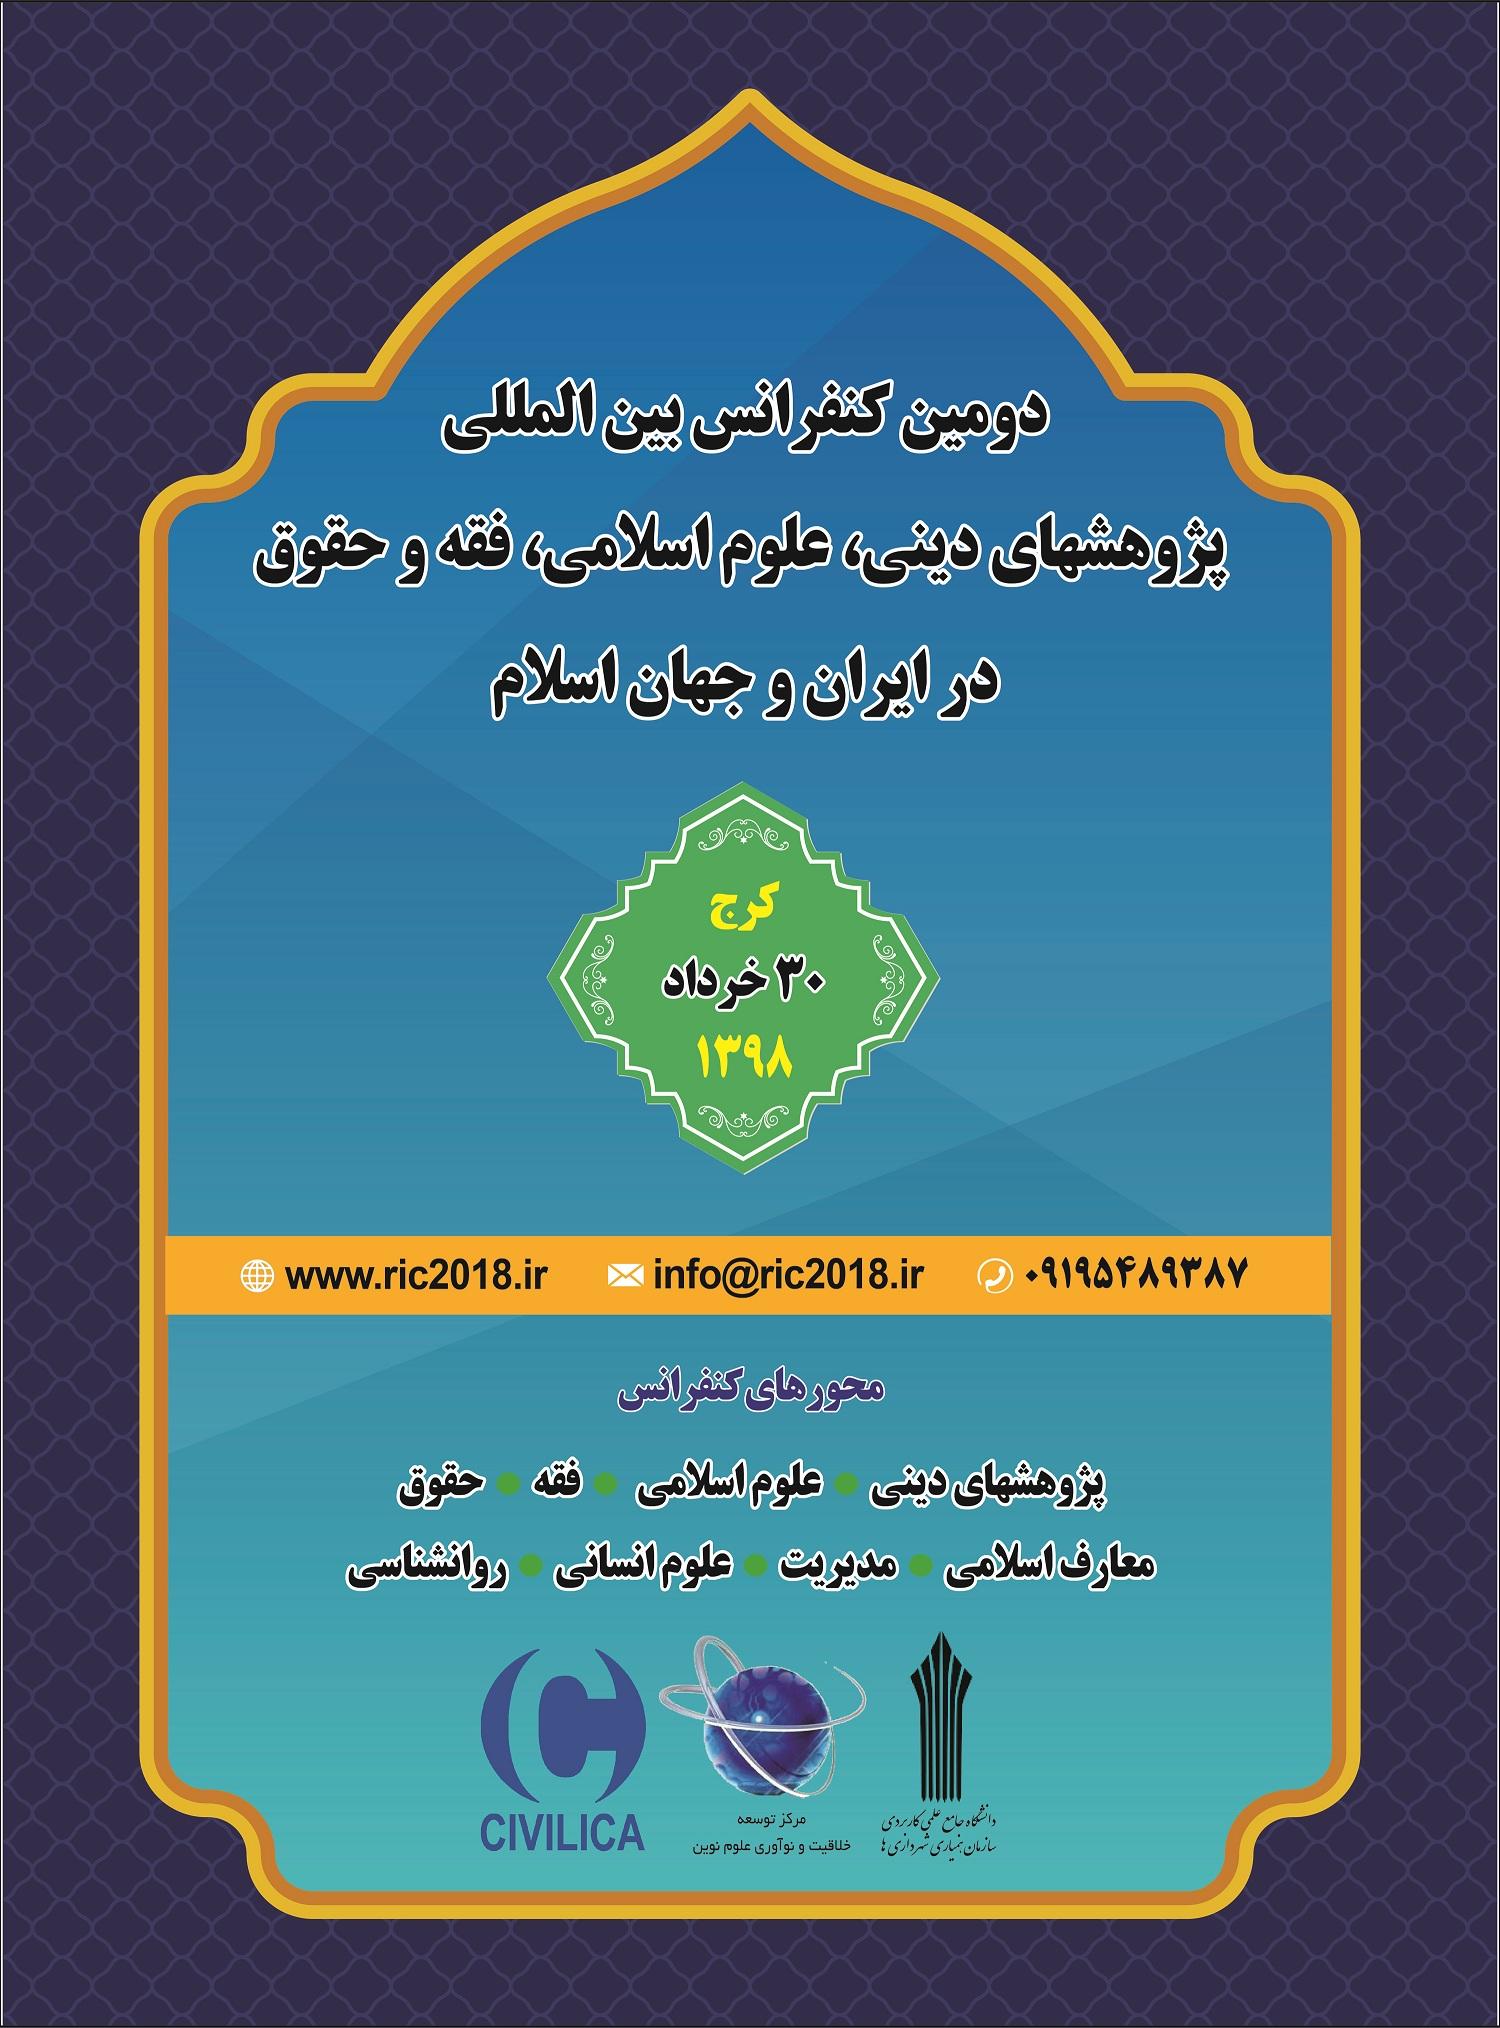 دومین کنفرانس بین المللی پژوهشهای دینی، علوم اسلامی، فقه و حقوق در ایران و جهان اسلام